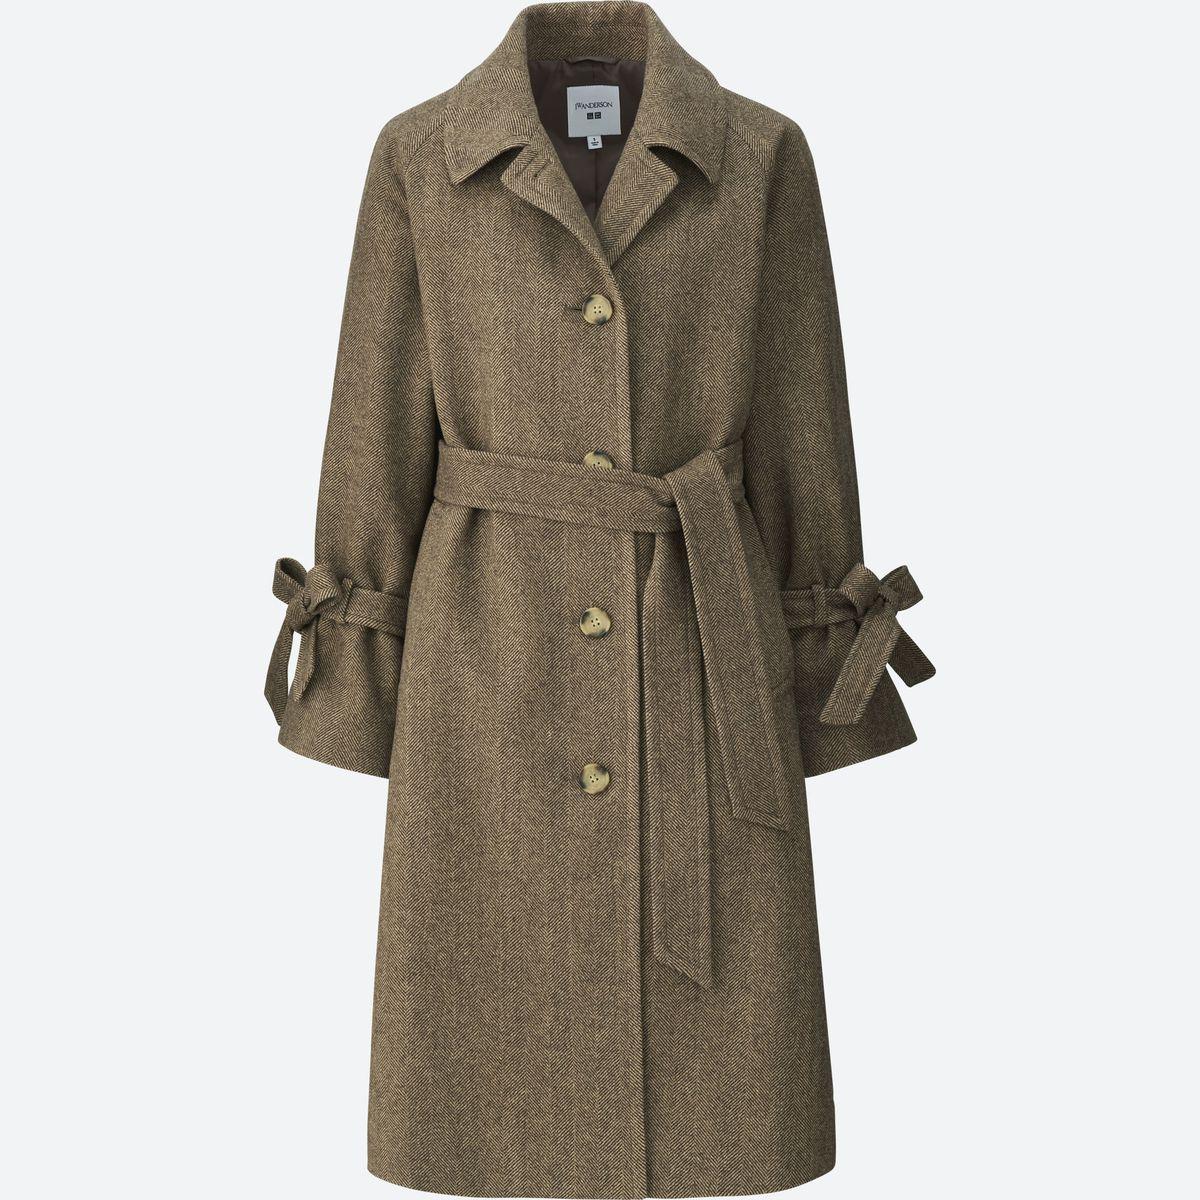 A brown tweed coat